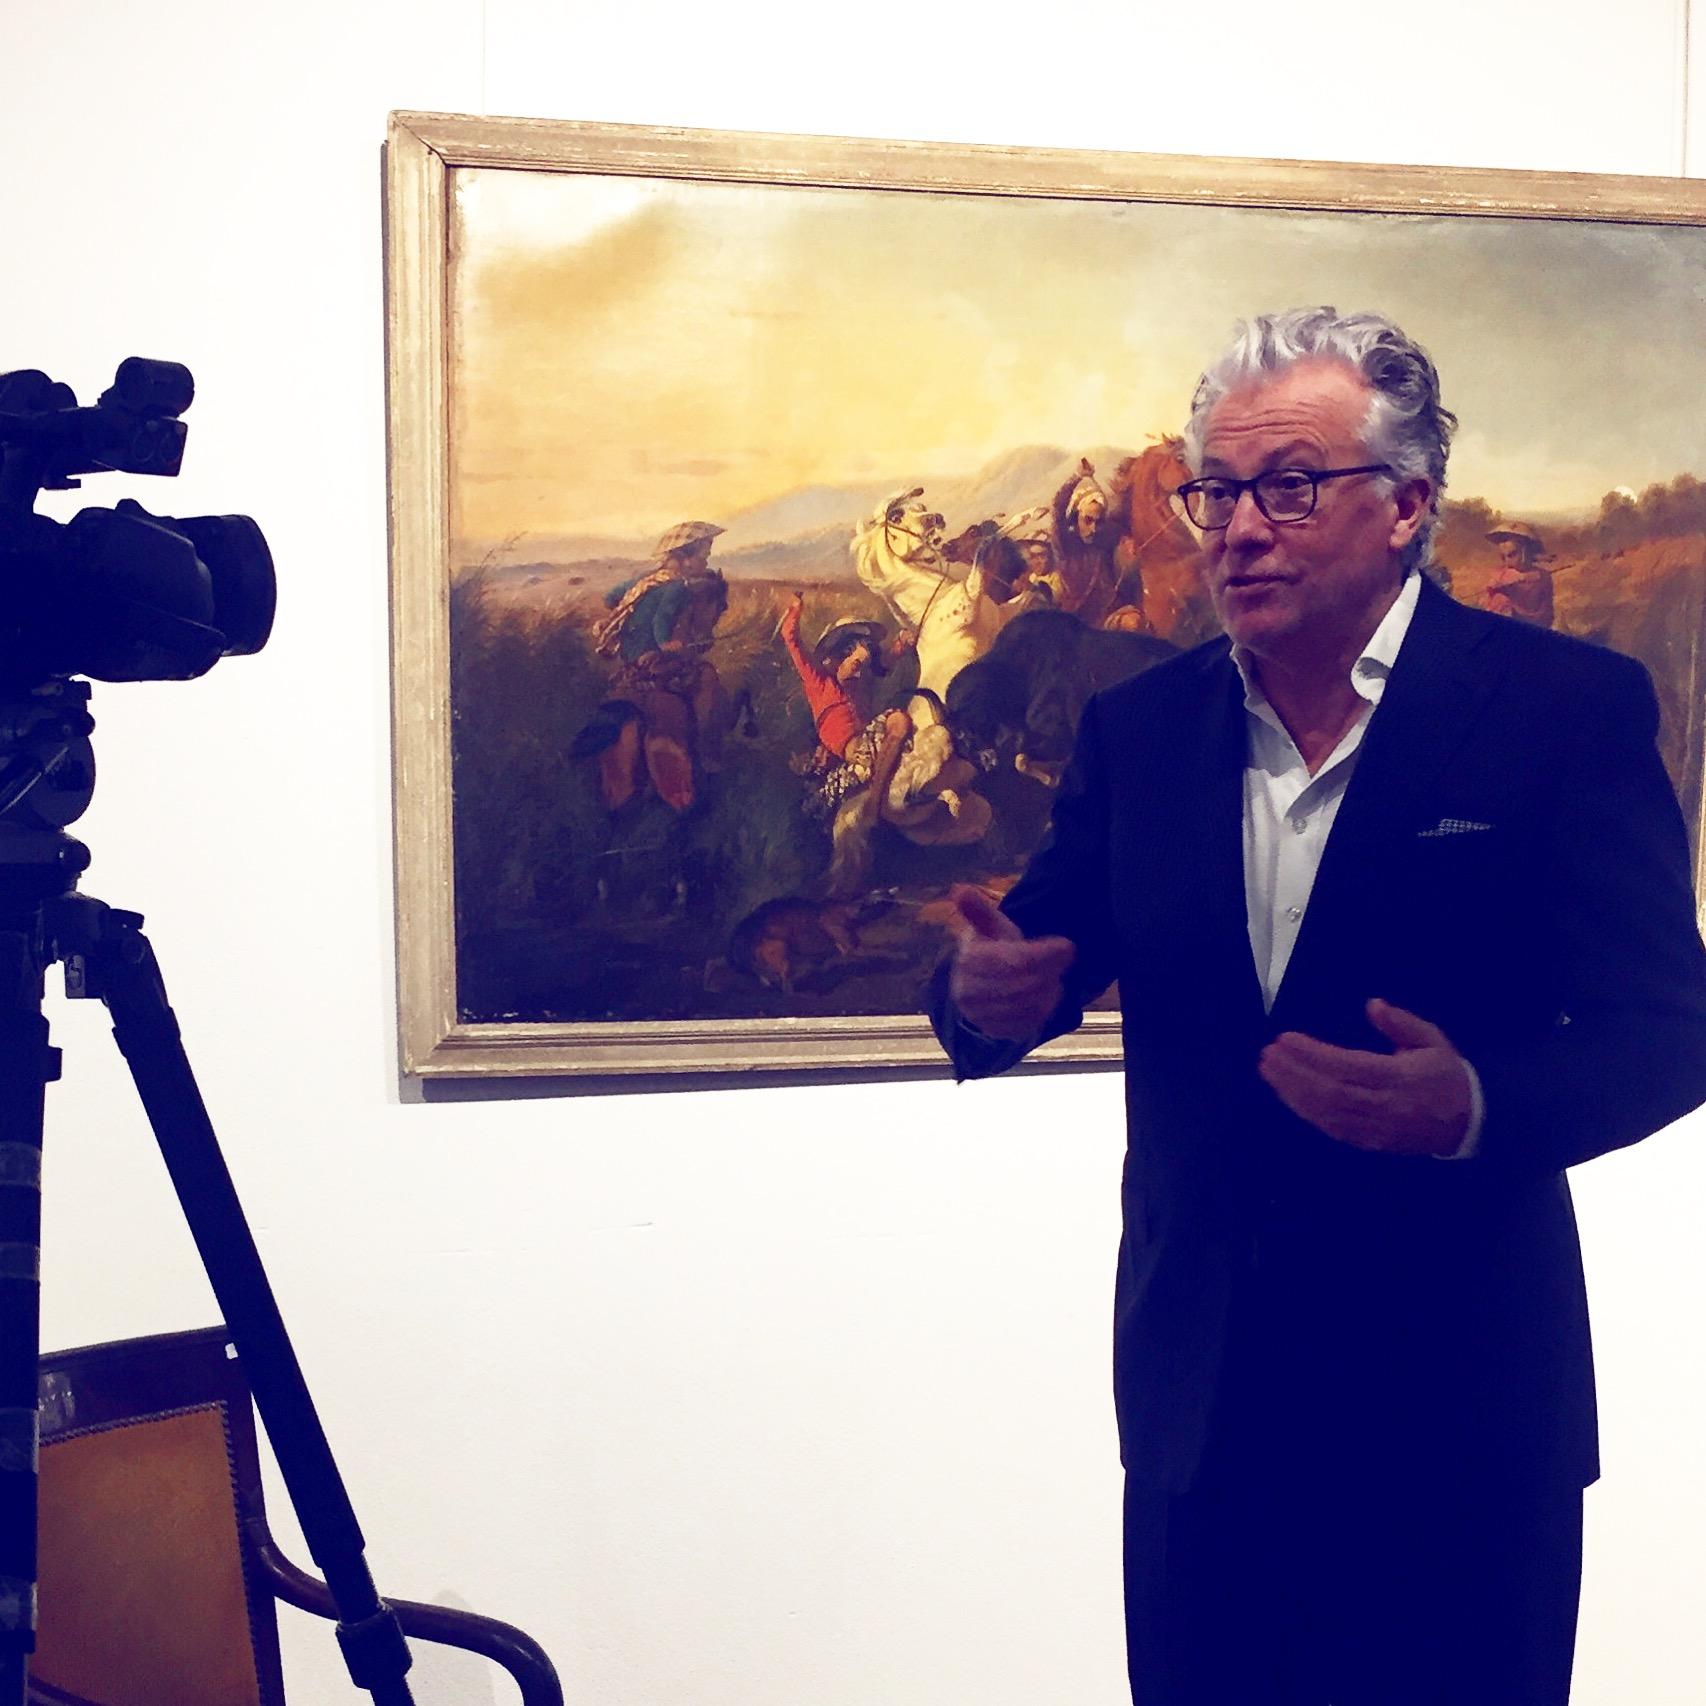 """La """"chasse au taureau sauvage (Bateng)"""" est une """"une œuvre exceptionnelle sur le plan muséographique"""" selon Me Ruellan Image: courtesy of Ruellan"""